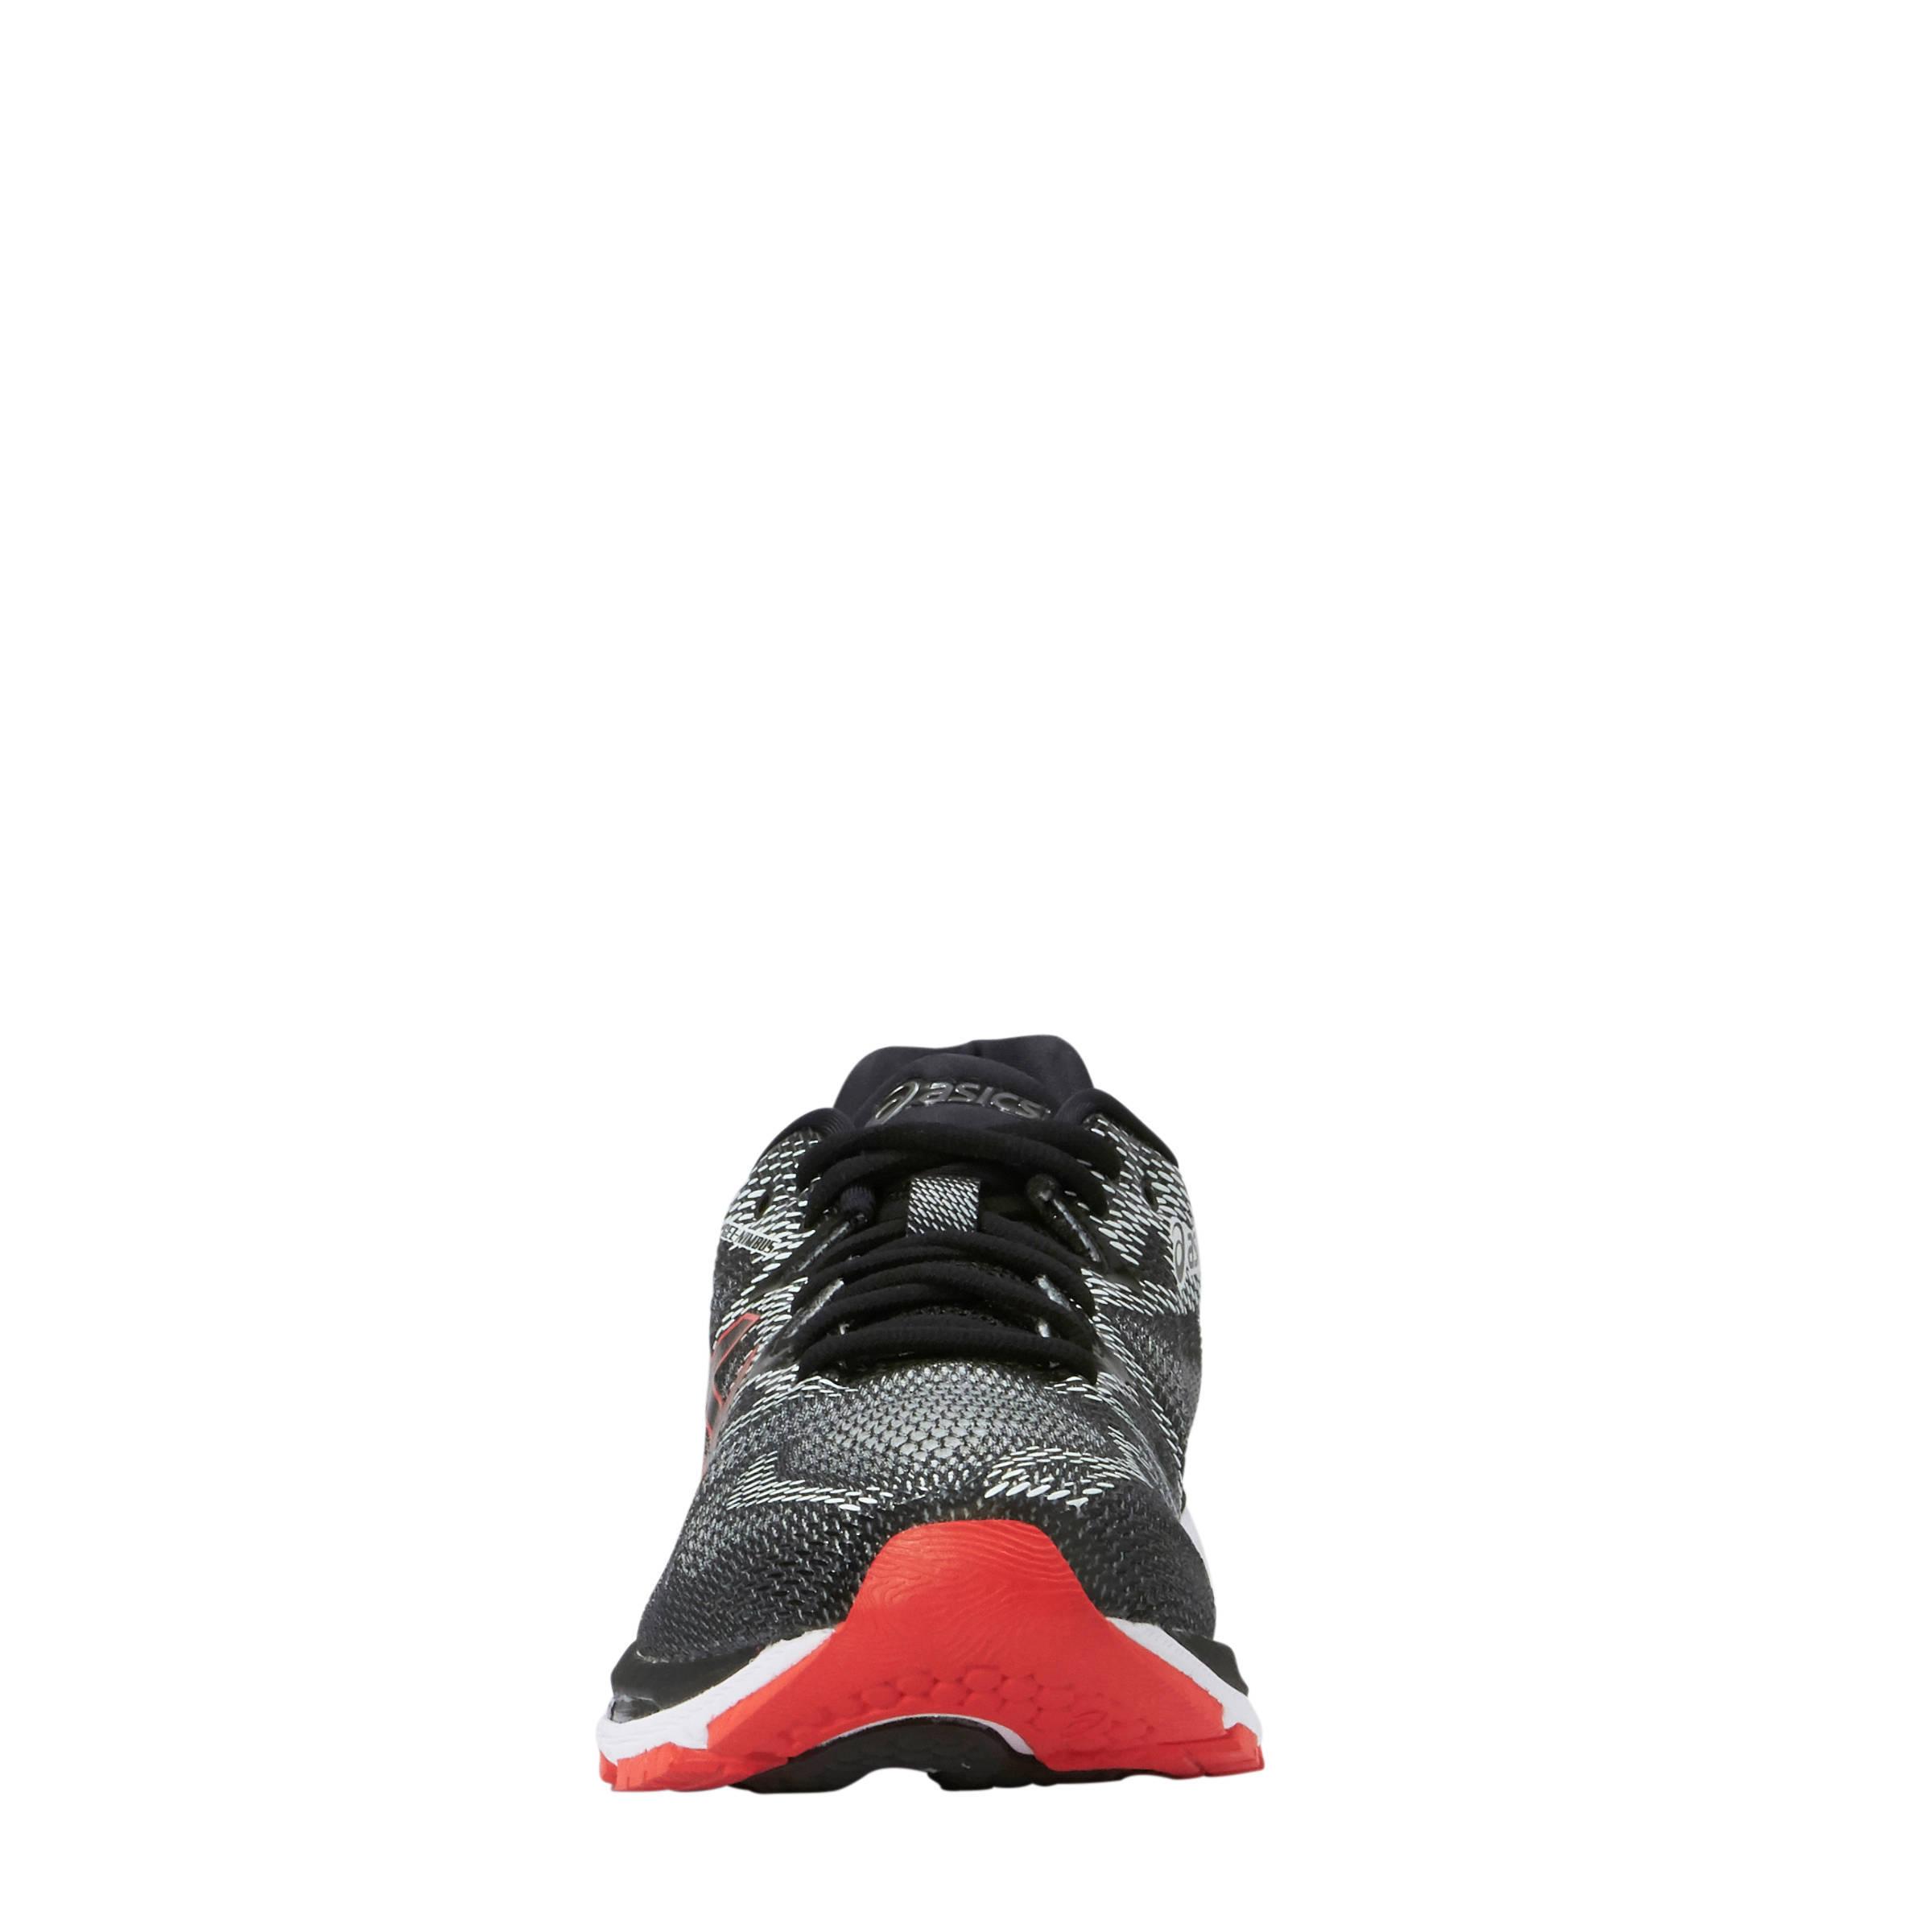 ASICS Gel Nimbus 20 hardloopschoenen zwartwitrood | wehkamp